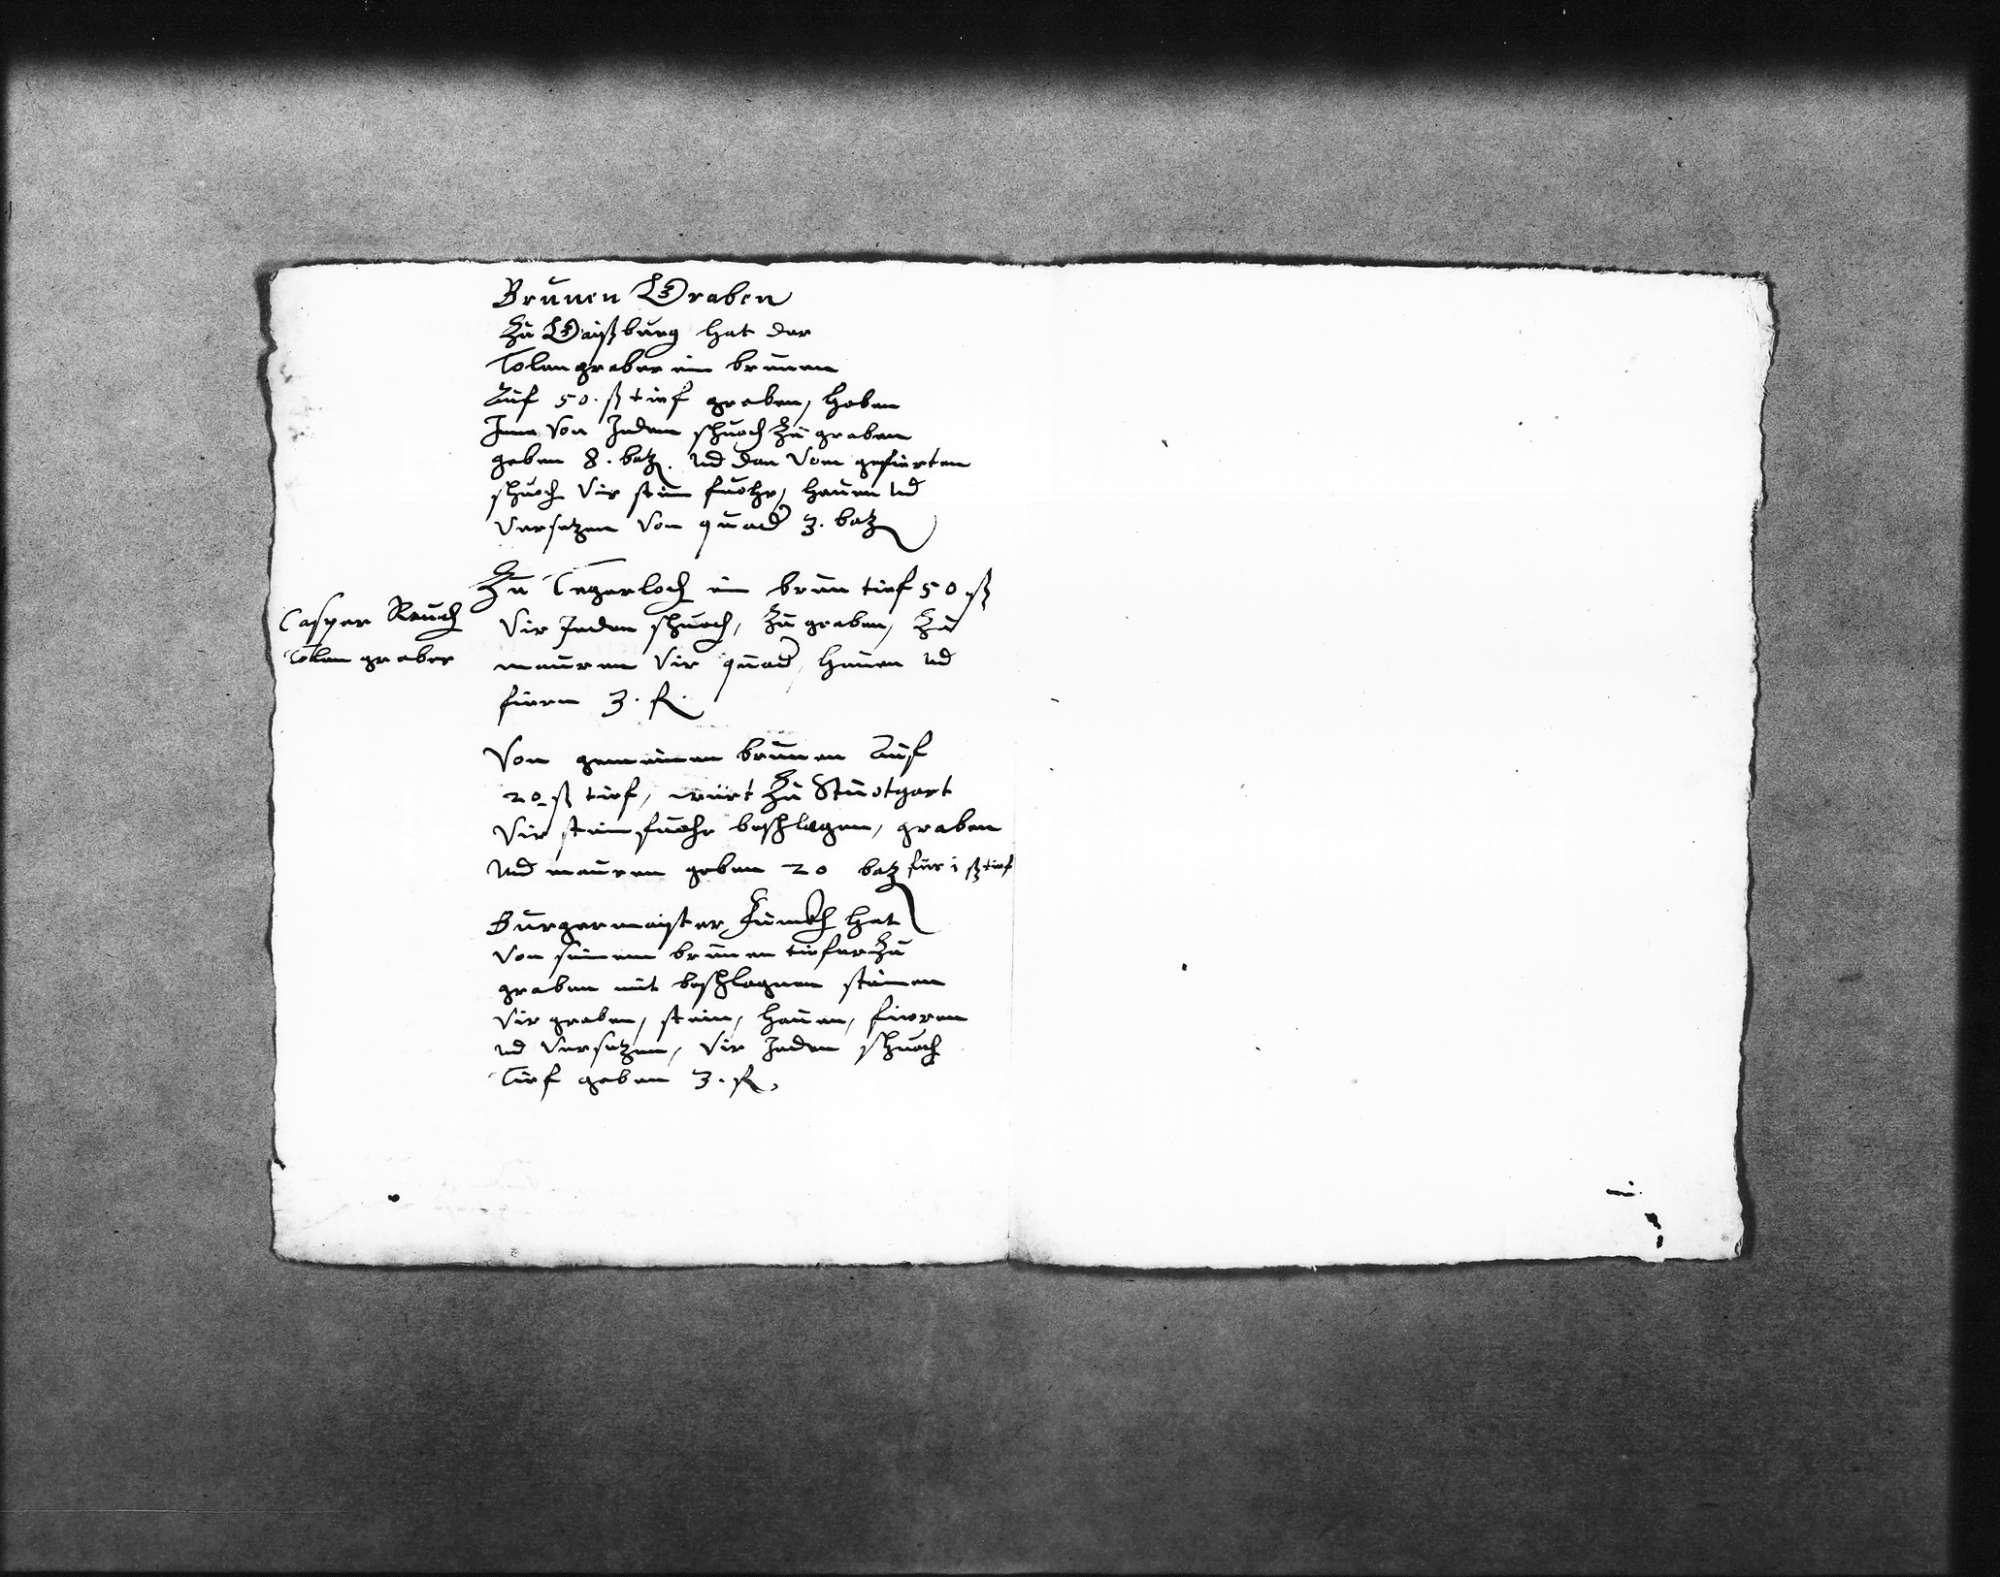 """Planungen mit Maßangaben und Lohnkosten für Arbeiten an einer Pumpanlage (""""Wasserkunst"""") in Dorna (?) (Dornach?), für das Graben von Brunnen in Stuttgart, Gaisburg und Degerloch u. a. durch den Dolengräber Caspar Rauch, welcher dafür Bergknappen anstellte, Angaben über deren Löhne, auch für den 1614 im Hof von Zaiser (""""Ceser"""") in Stuttgart gegrabenen Brunnen und den für Bürgermeister Finck (Folio Doppelblatt), Bild 2"""